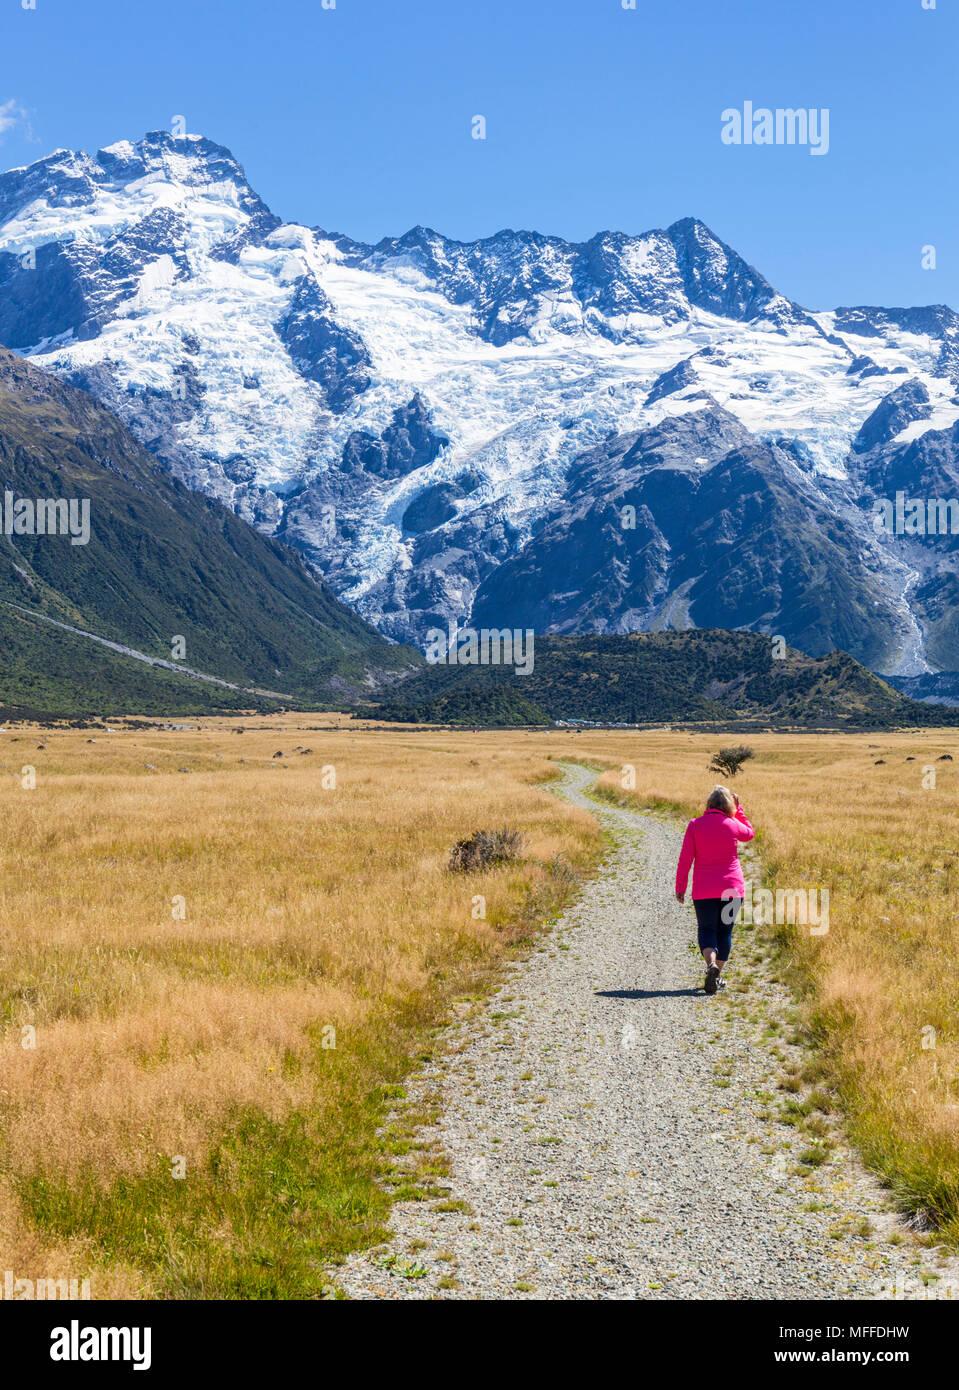 La Nouvelle-Zélande île du Sud Nouvelle-Zélande touriste (Modèle 1992) La marche sur la promenade dans le parc national du mont Cook ile sud Nouvelle zelande Banque D'Images